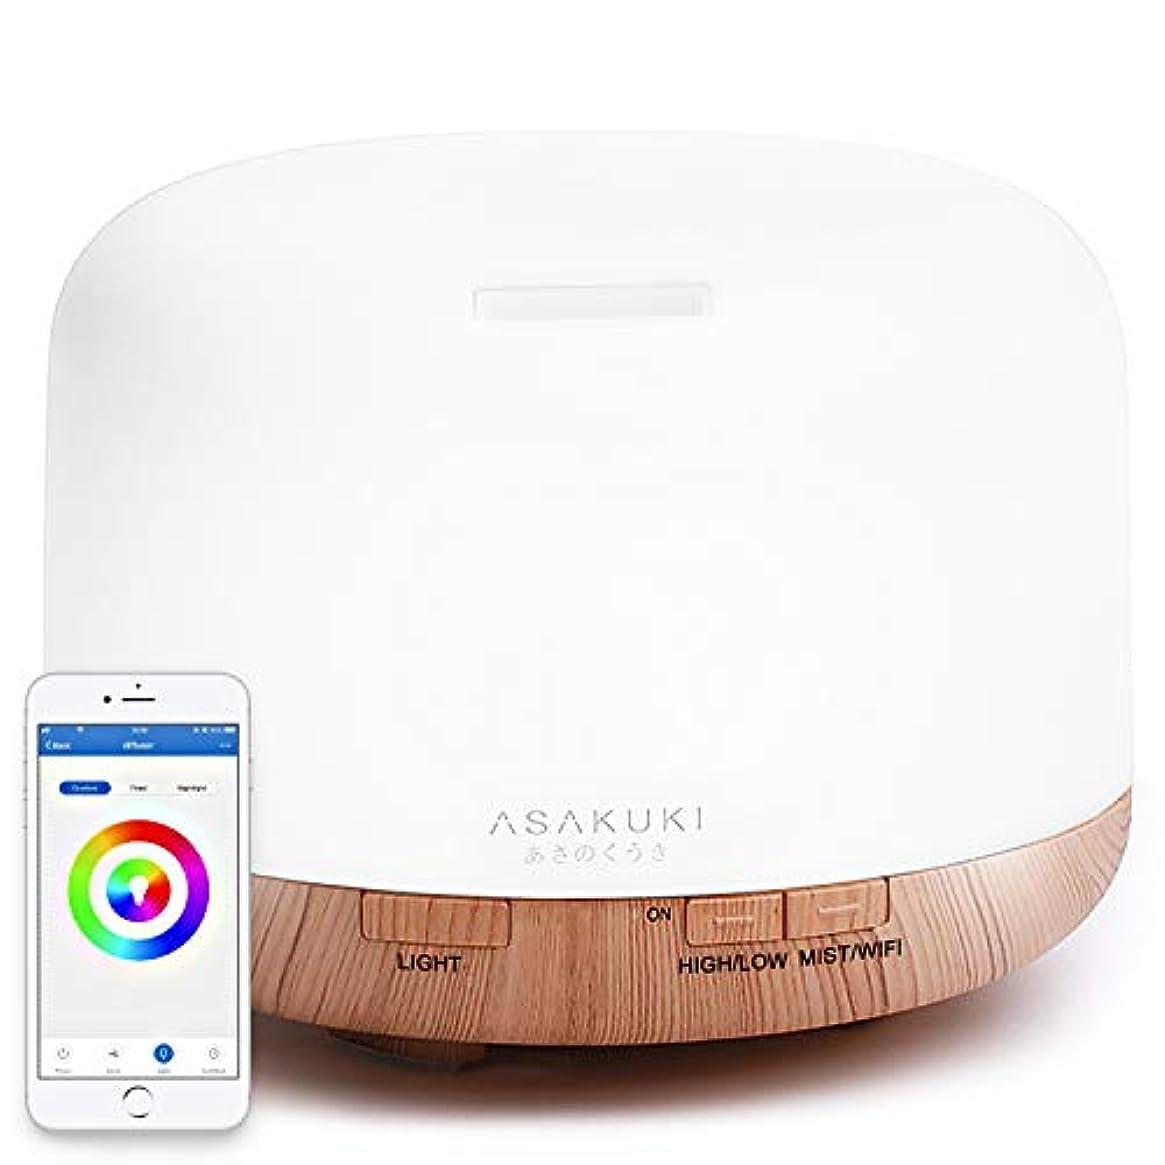 請う失速誓うASAKUKI ベッドルーム、オフィス、より良い睡眠&呼吸 雰囲気を緩和するアレクサ2019アップグレード設計500ミリリットルアロマ加湿器と互換性 あるスマート -エッセンシャルオイルディフューザーアプリ制御 標準 2018...